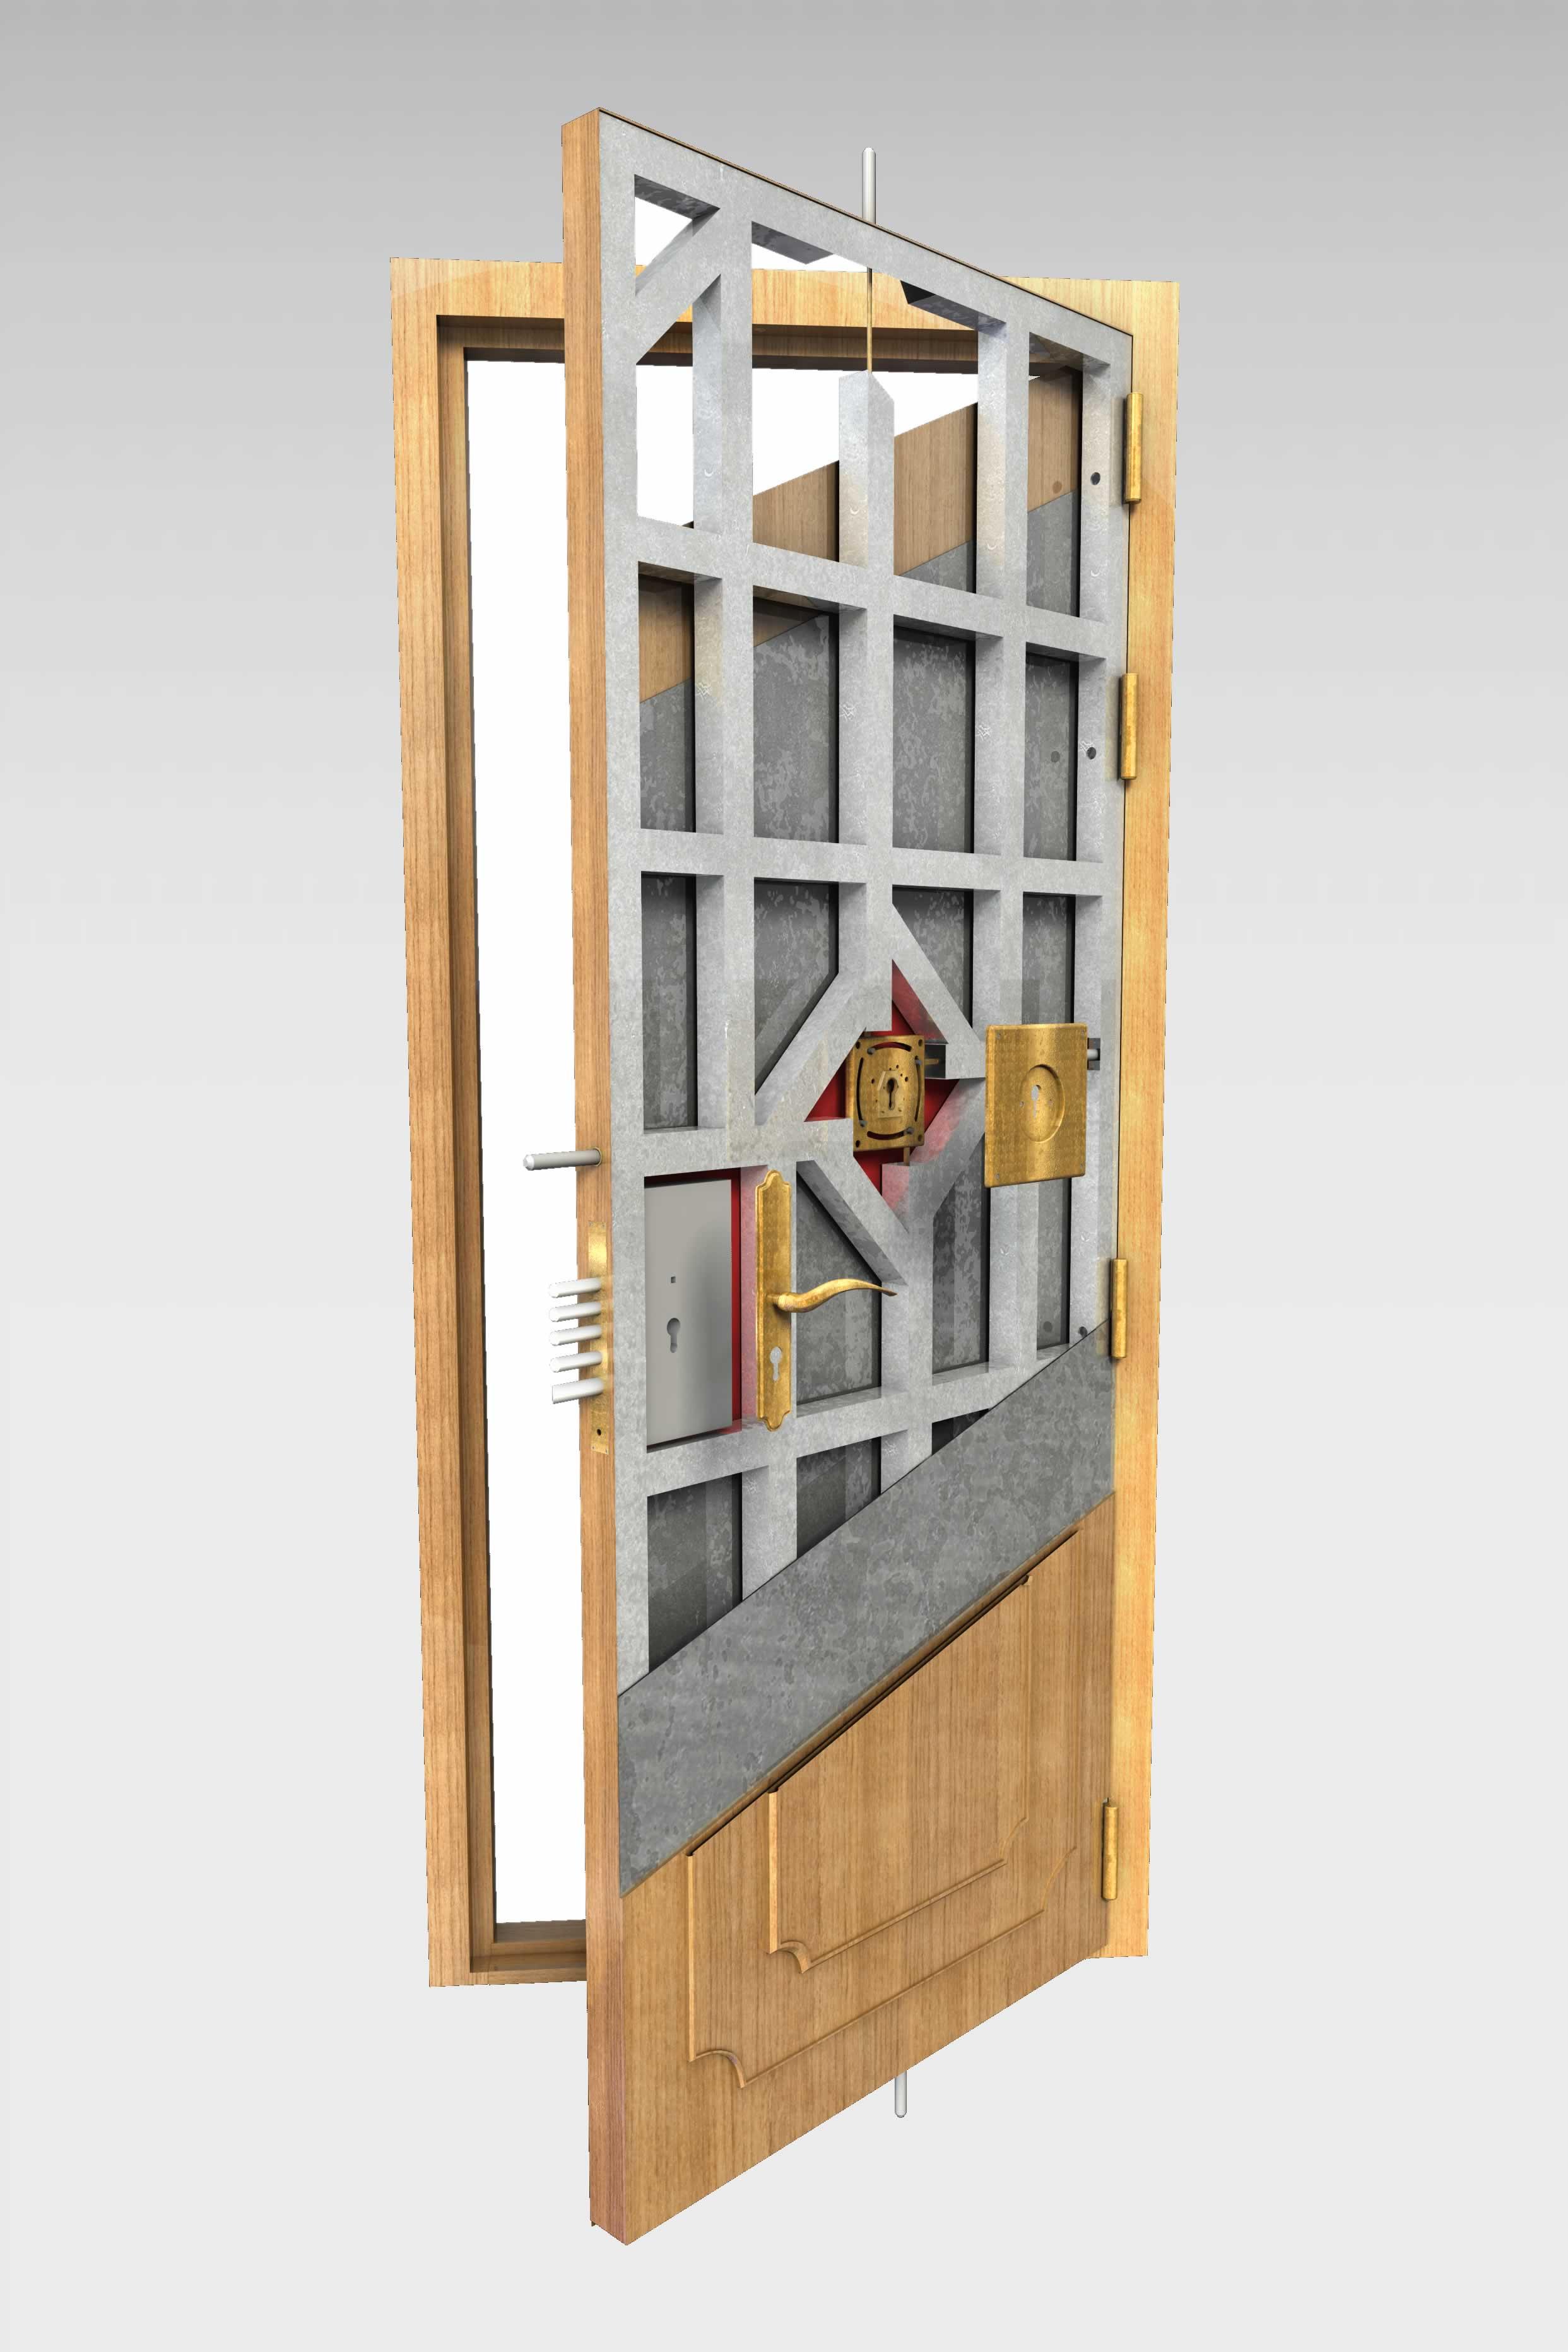 Puerta acorazada olimpo de la serie hogar roconsa for Precio puertas blindadas exterior